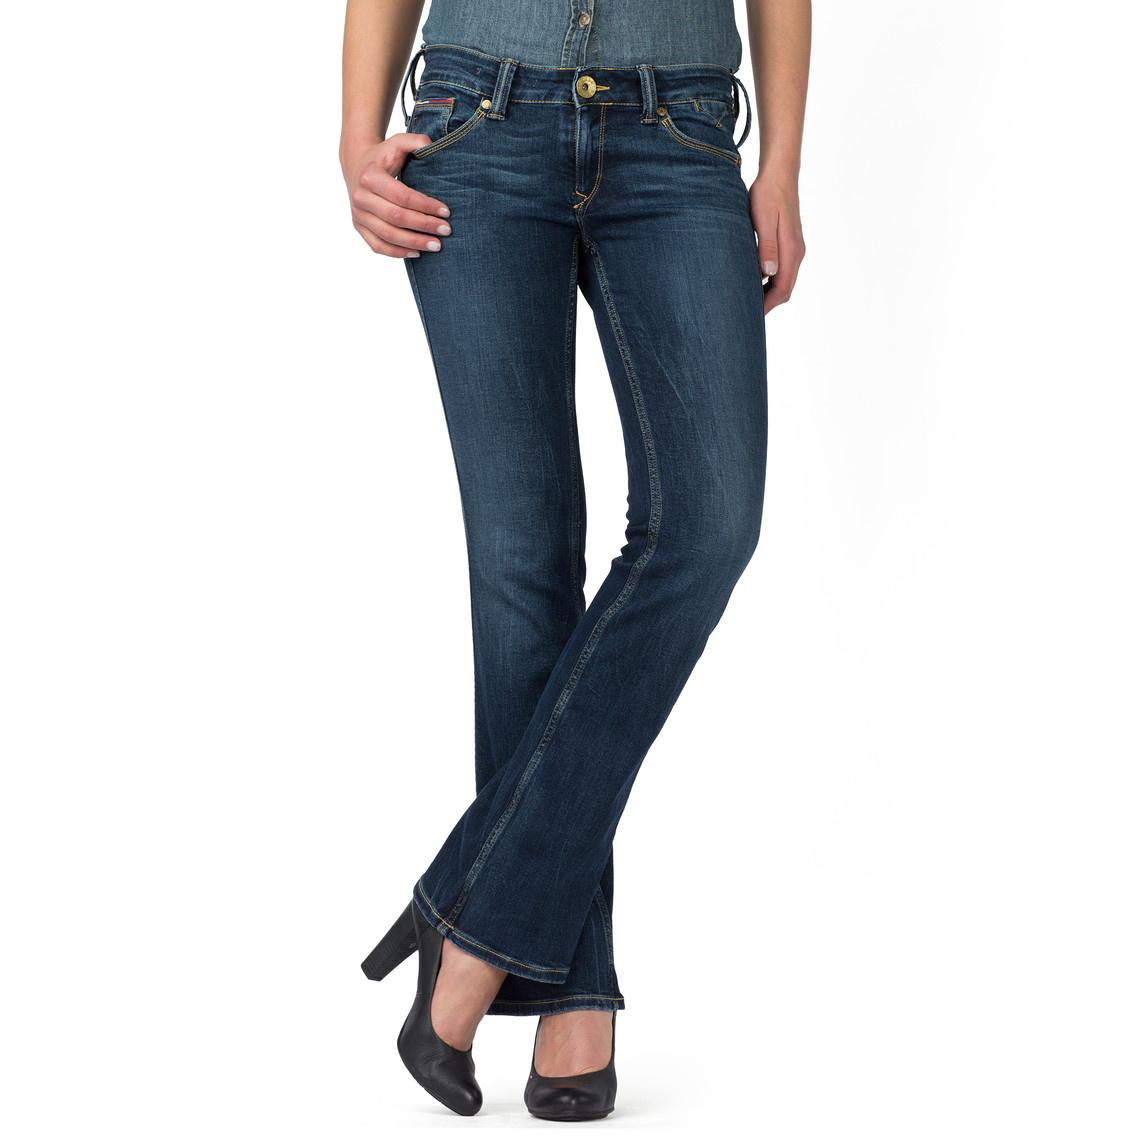 09c77c82 Tommy hilfiger sophie bootcut – Super Jeans in dieser Saison